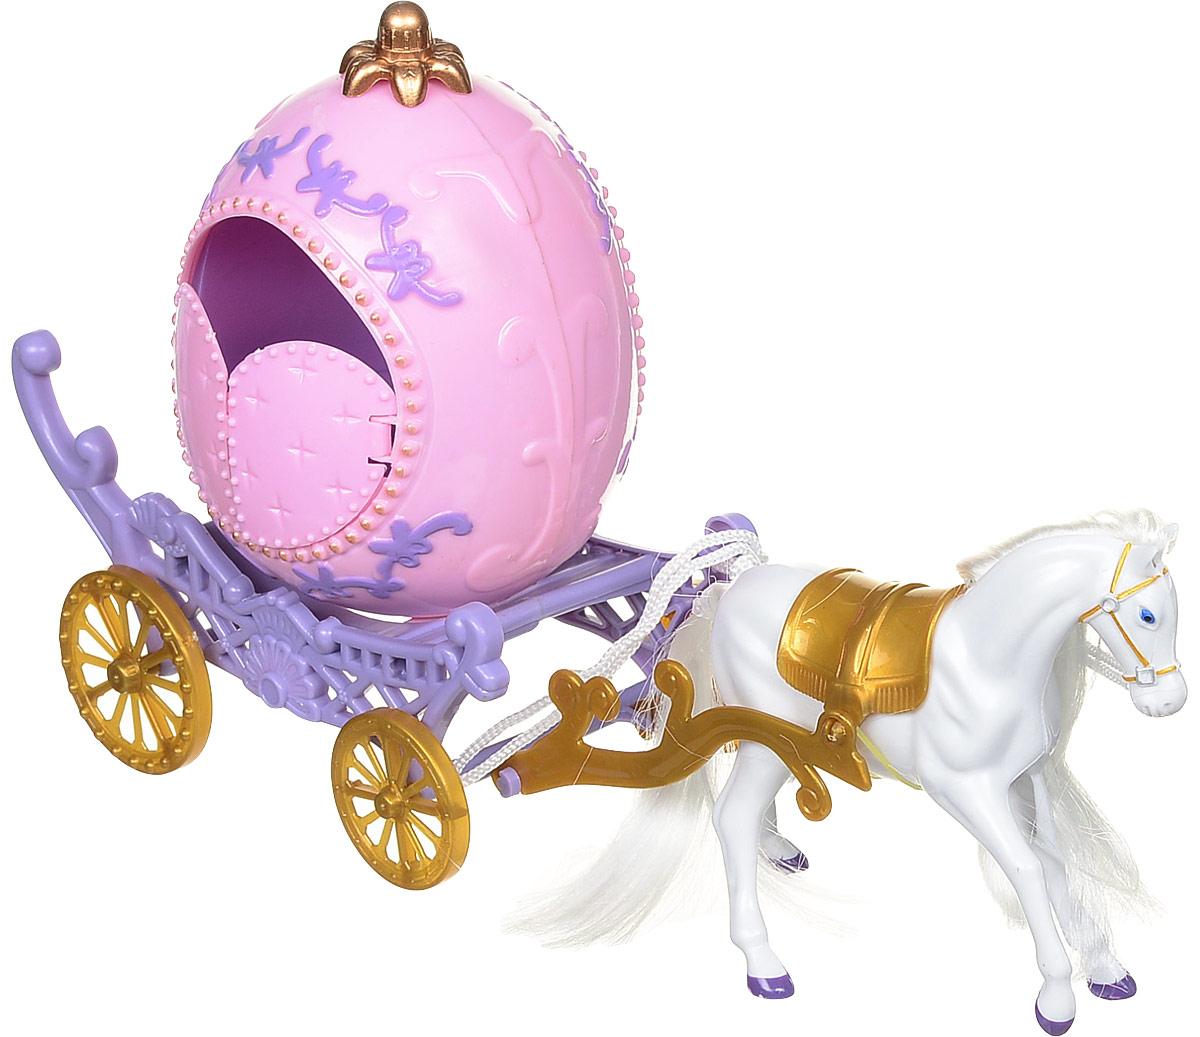 1TOY Игровой набор Карета с лошадью Красотка 1toy 1toy карета с лошадью для кукол 1 местн т53235